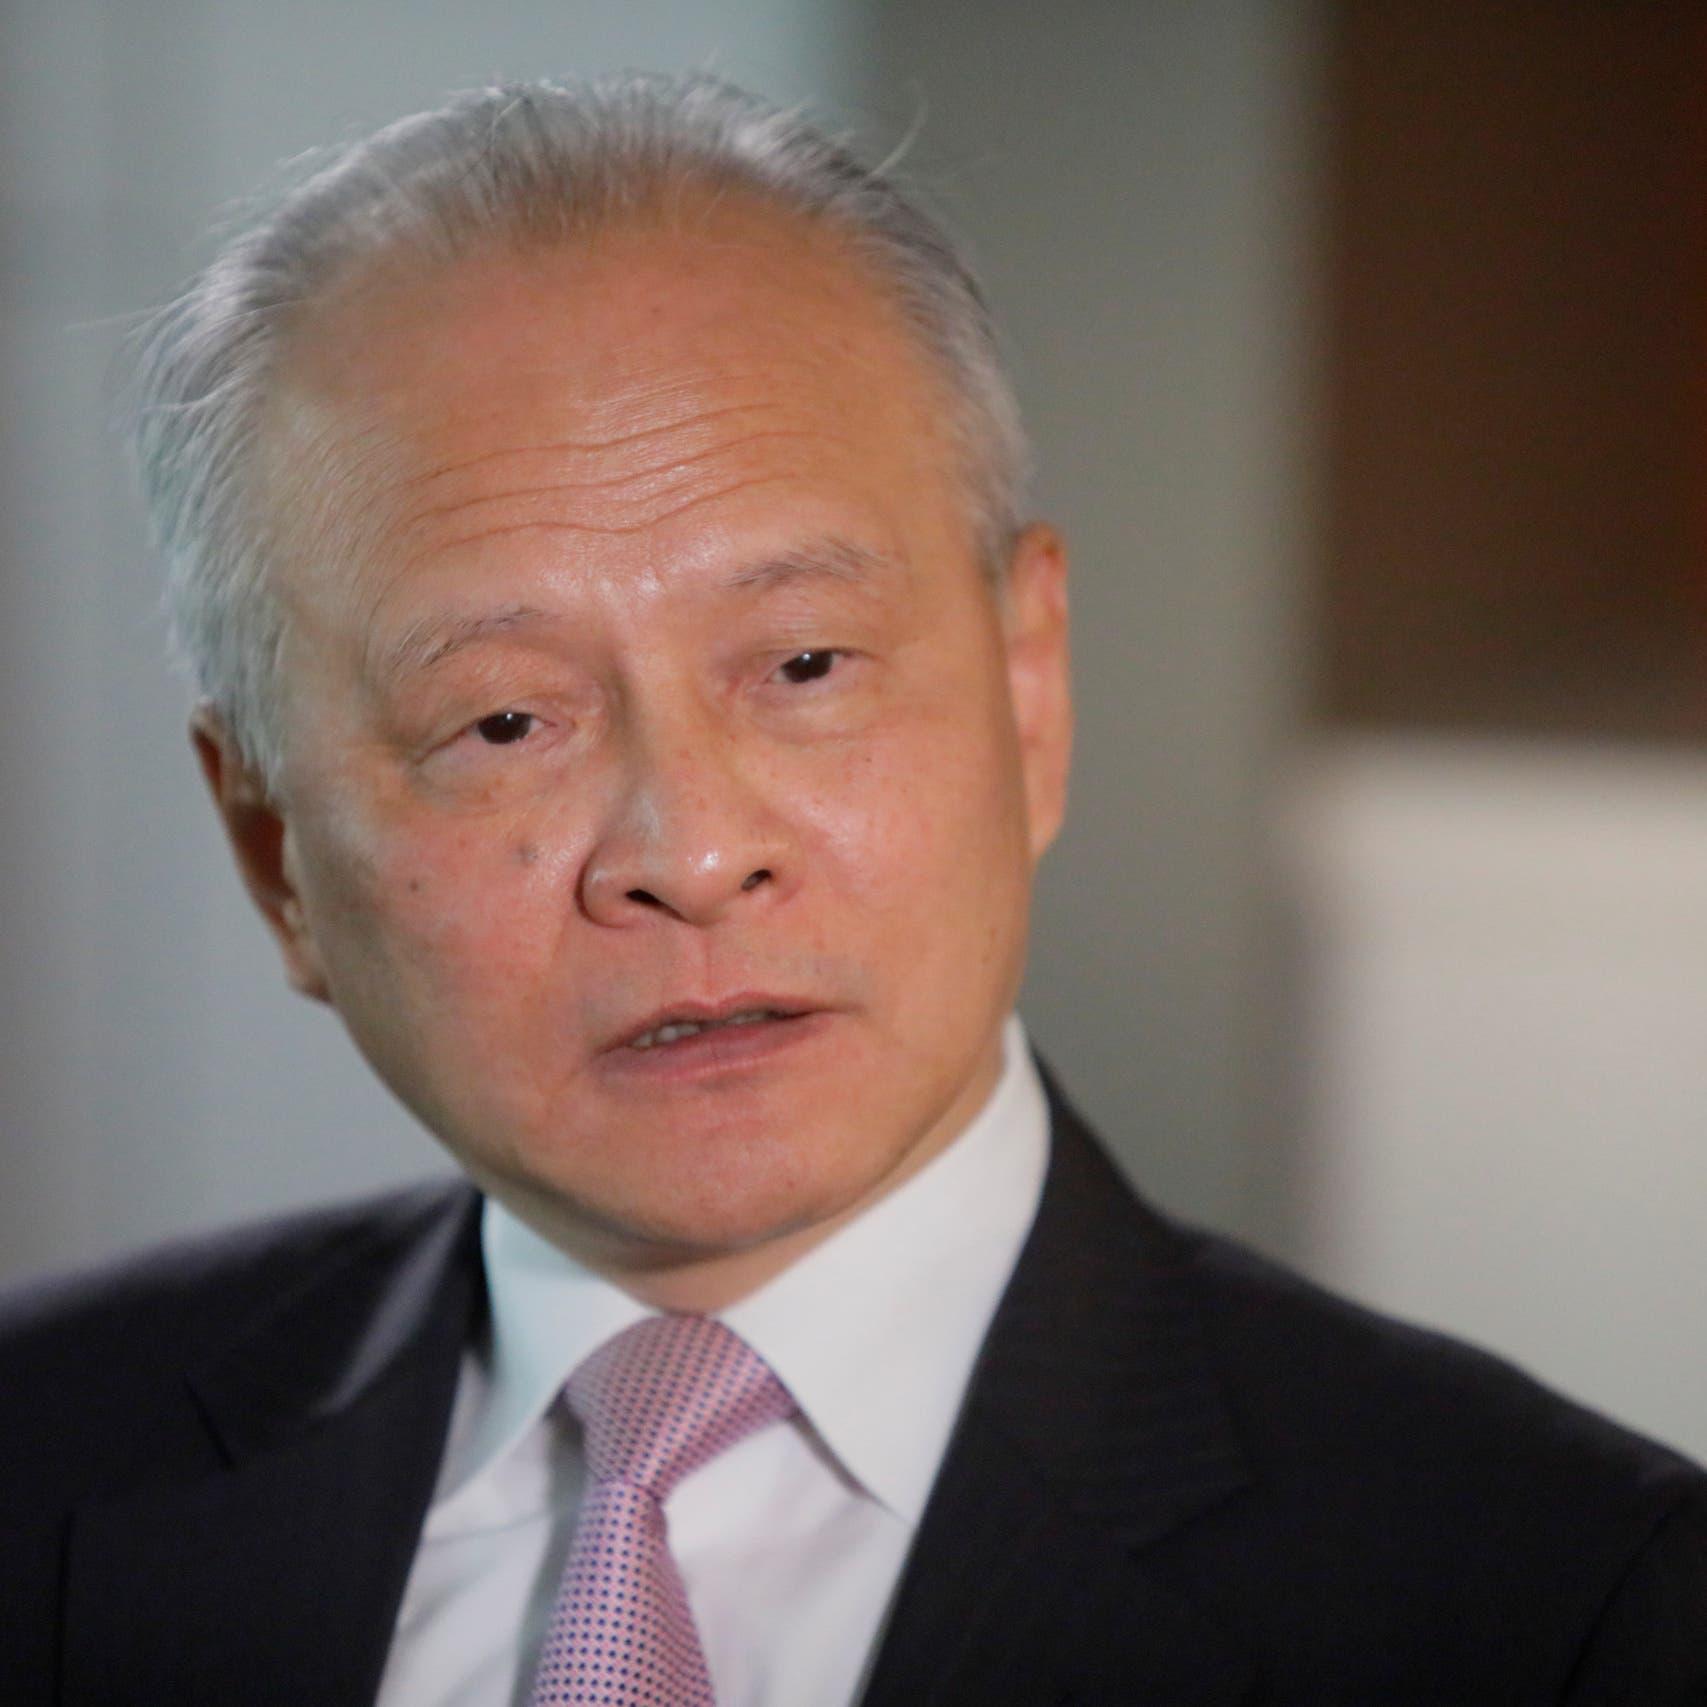 السفير الصيني بأميركا: ليس على بكين إرضاء أحد